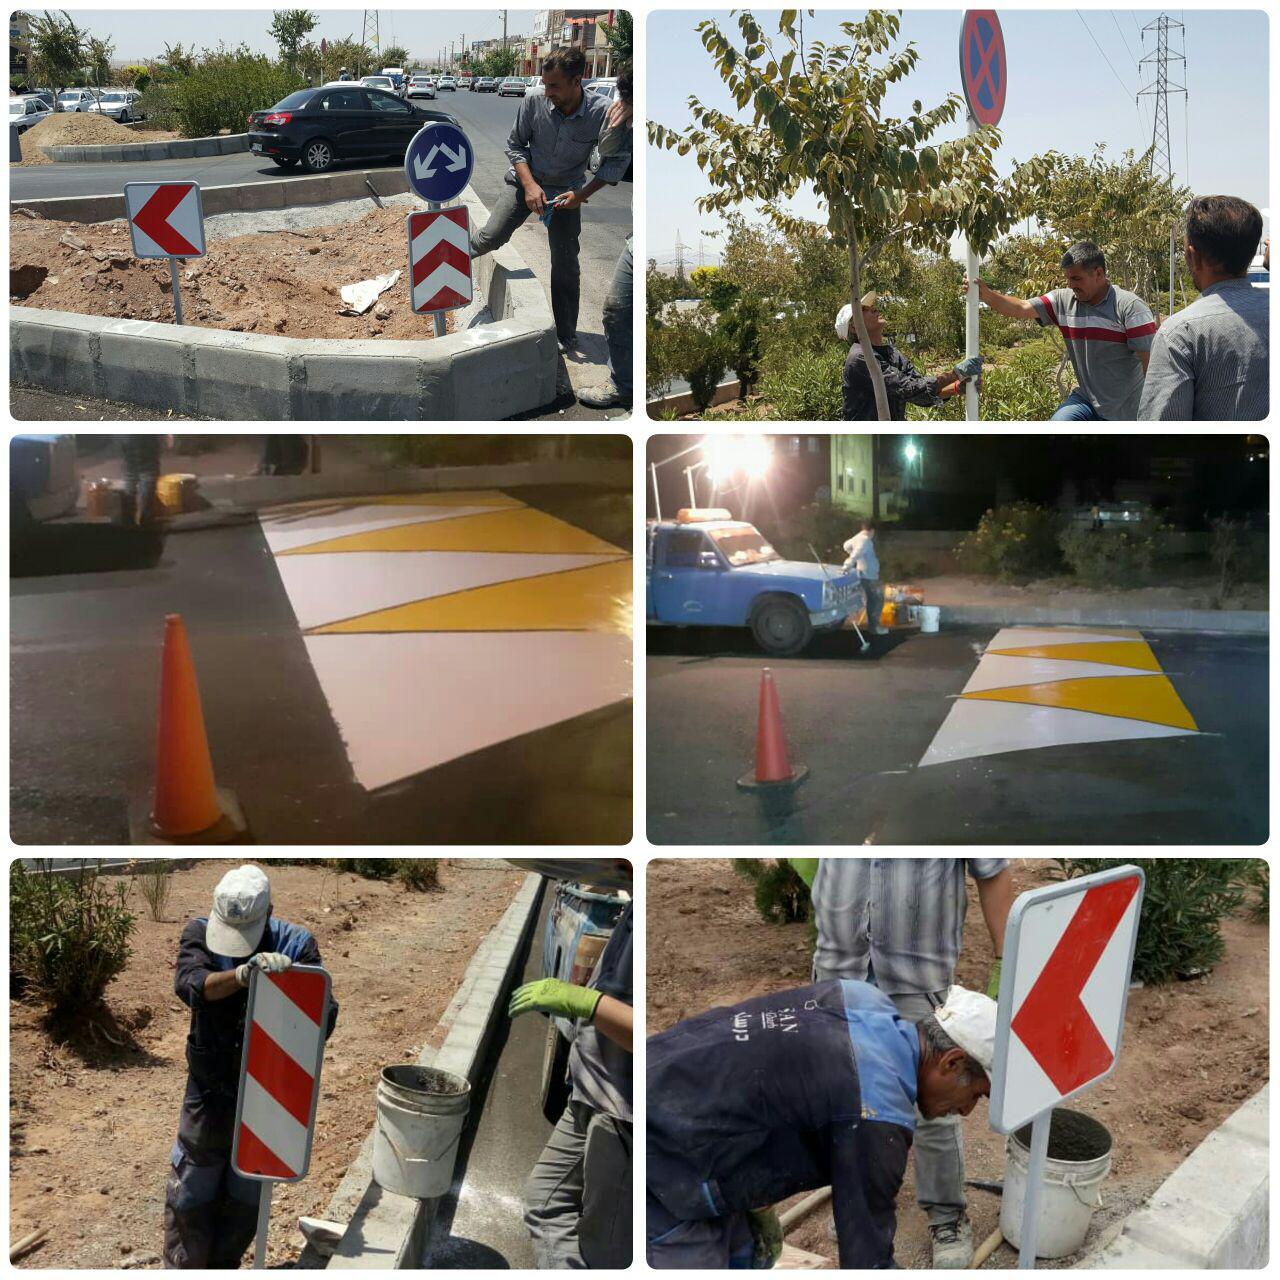 نصب علائم راهنمایی و رانندگی و رنگ آمیزی سرعت گیرها در بلوار امام خمینی (ره)